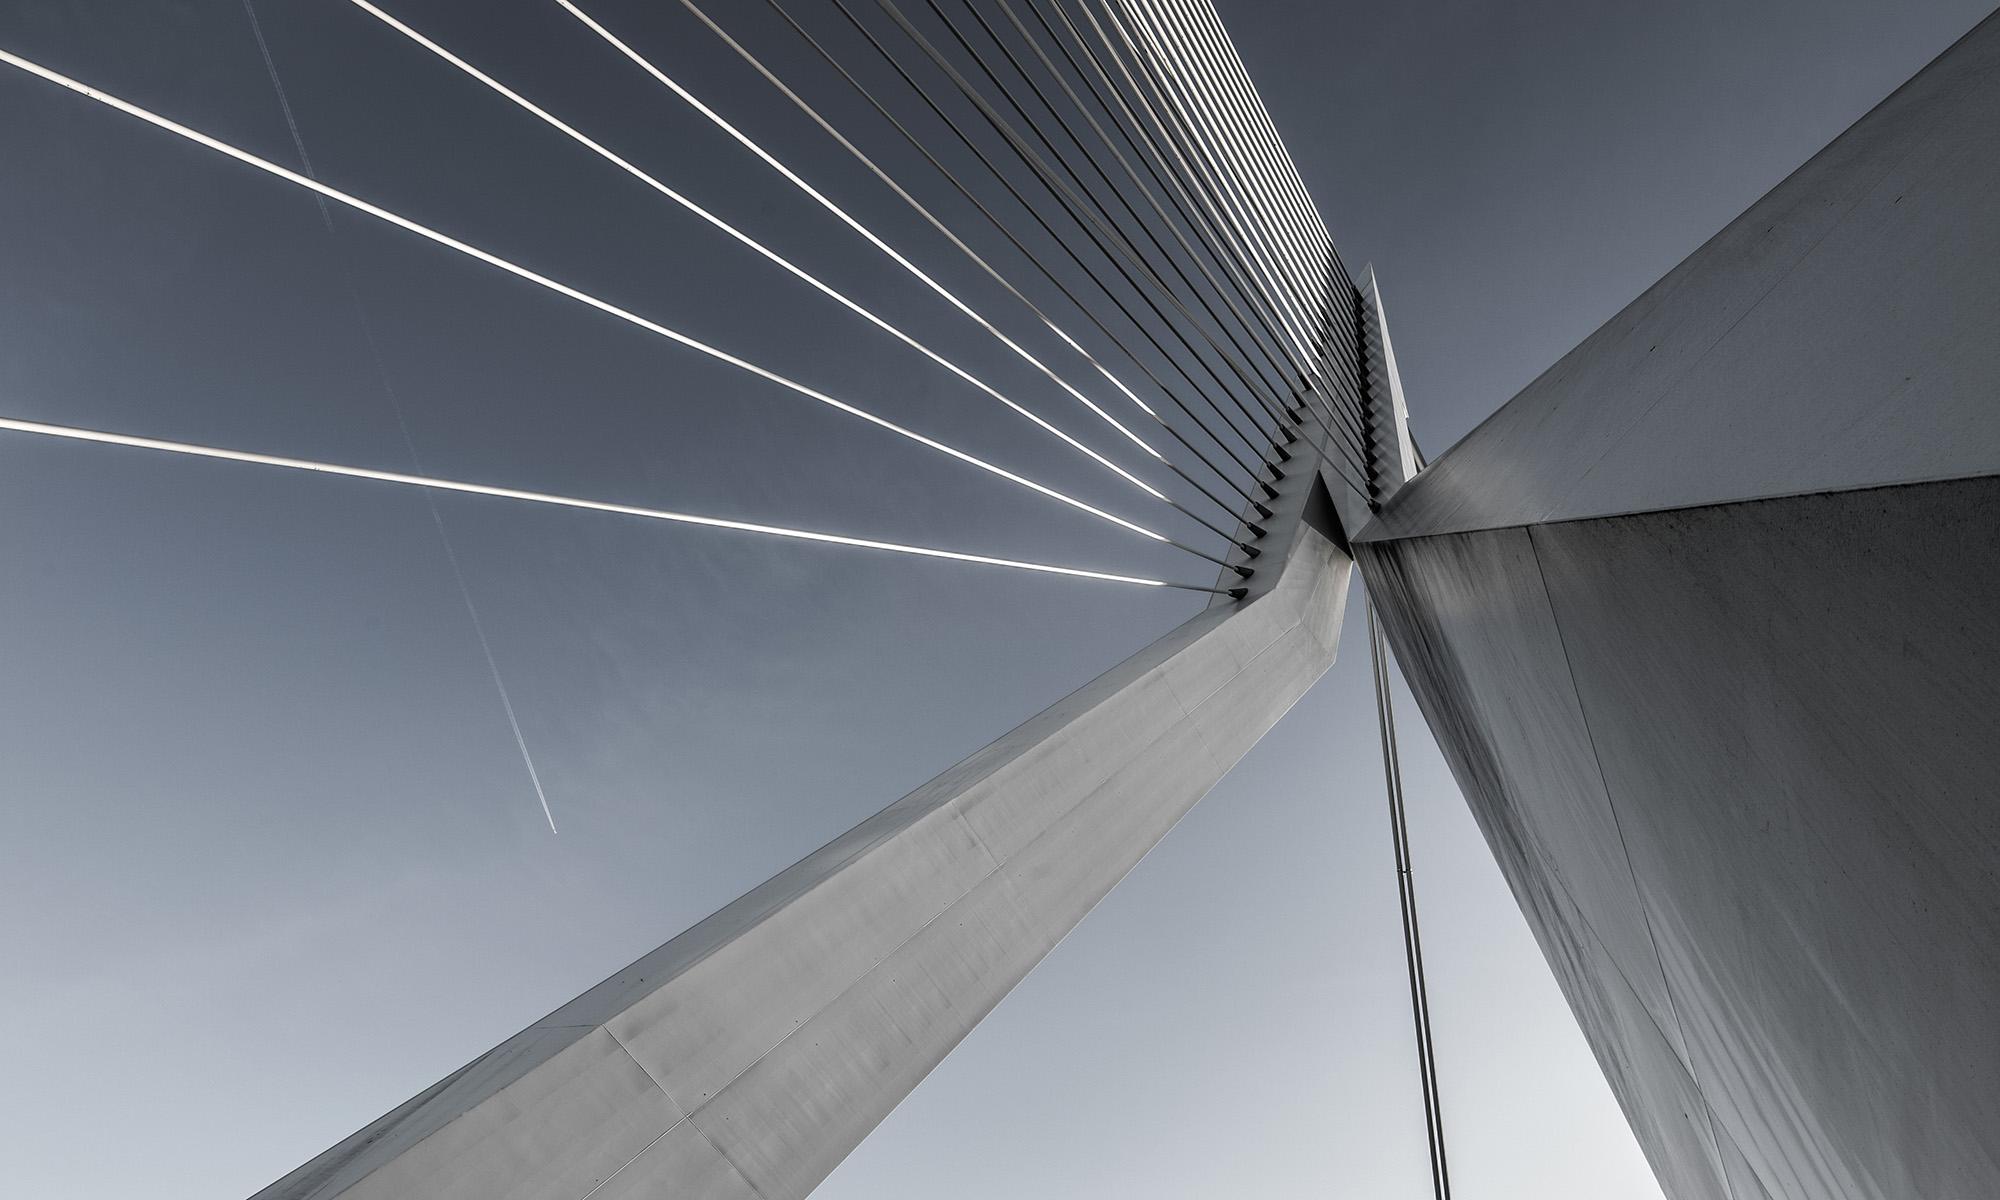 ponte-massimo-marchioro-arte